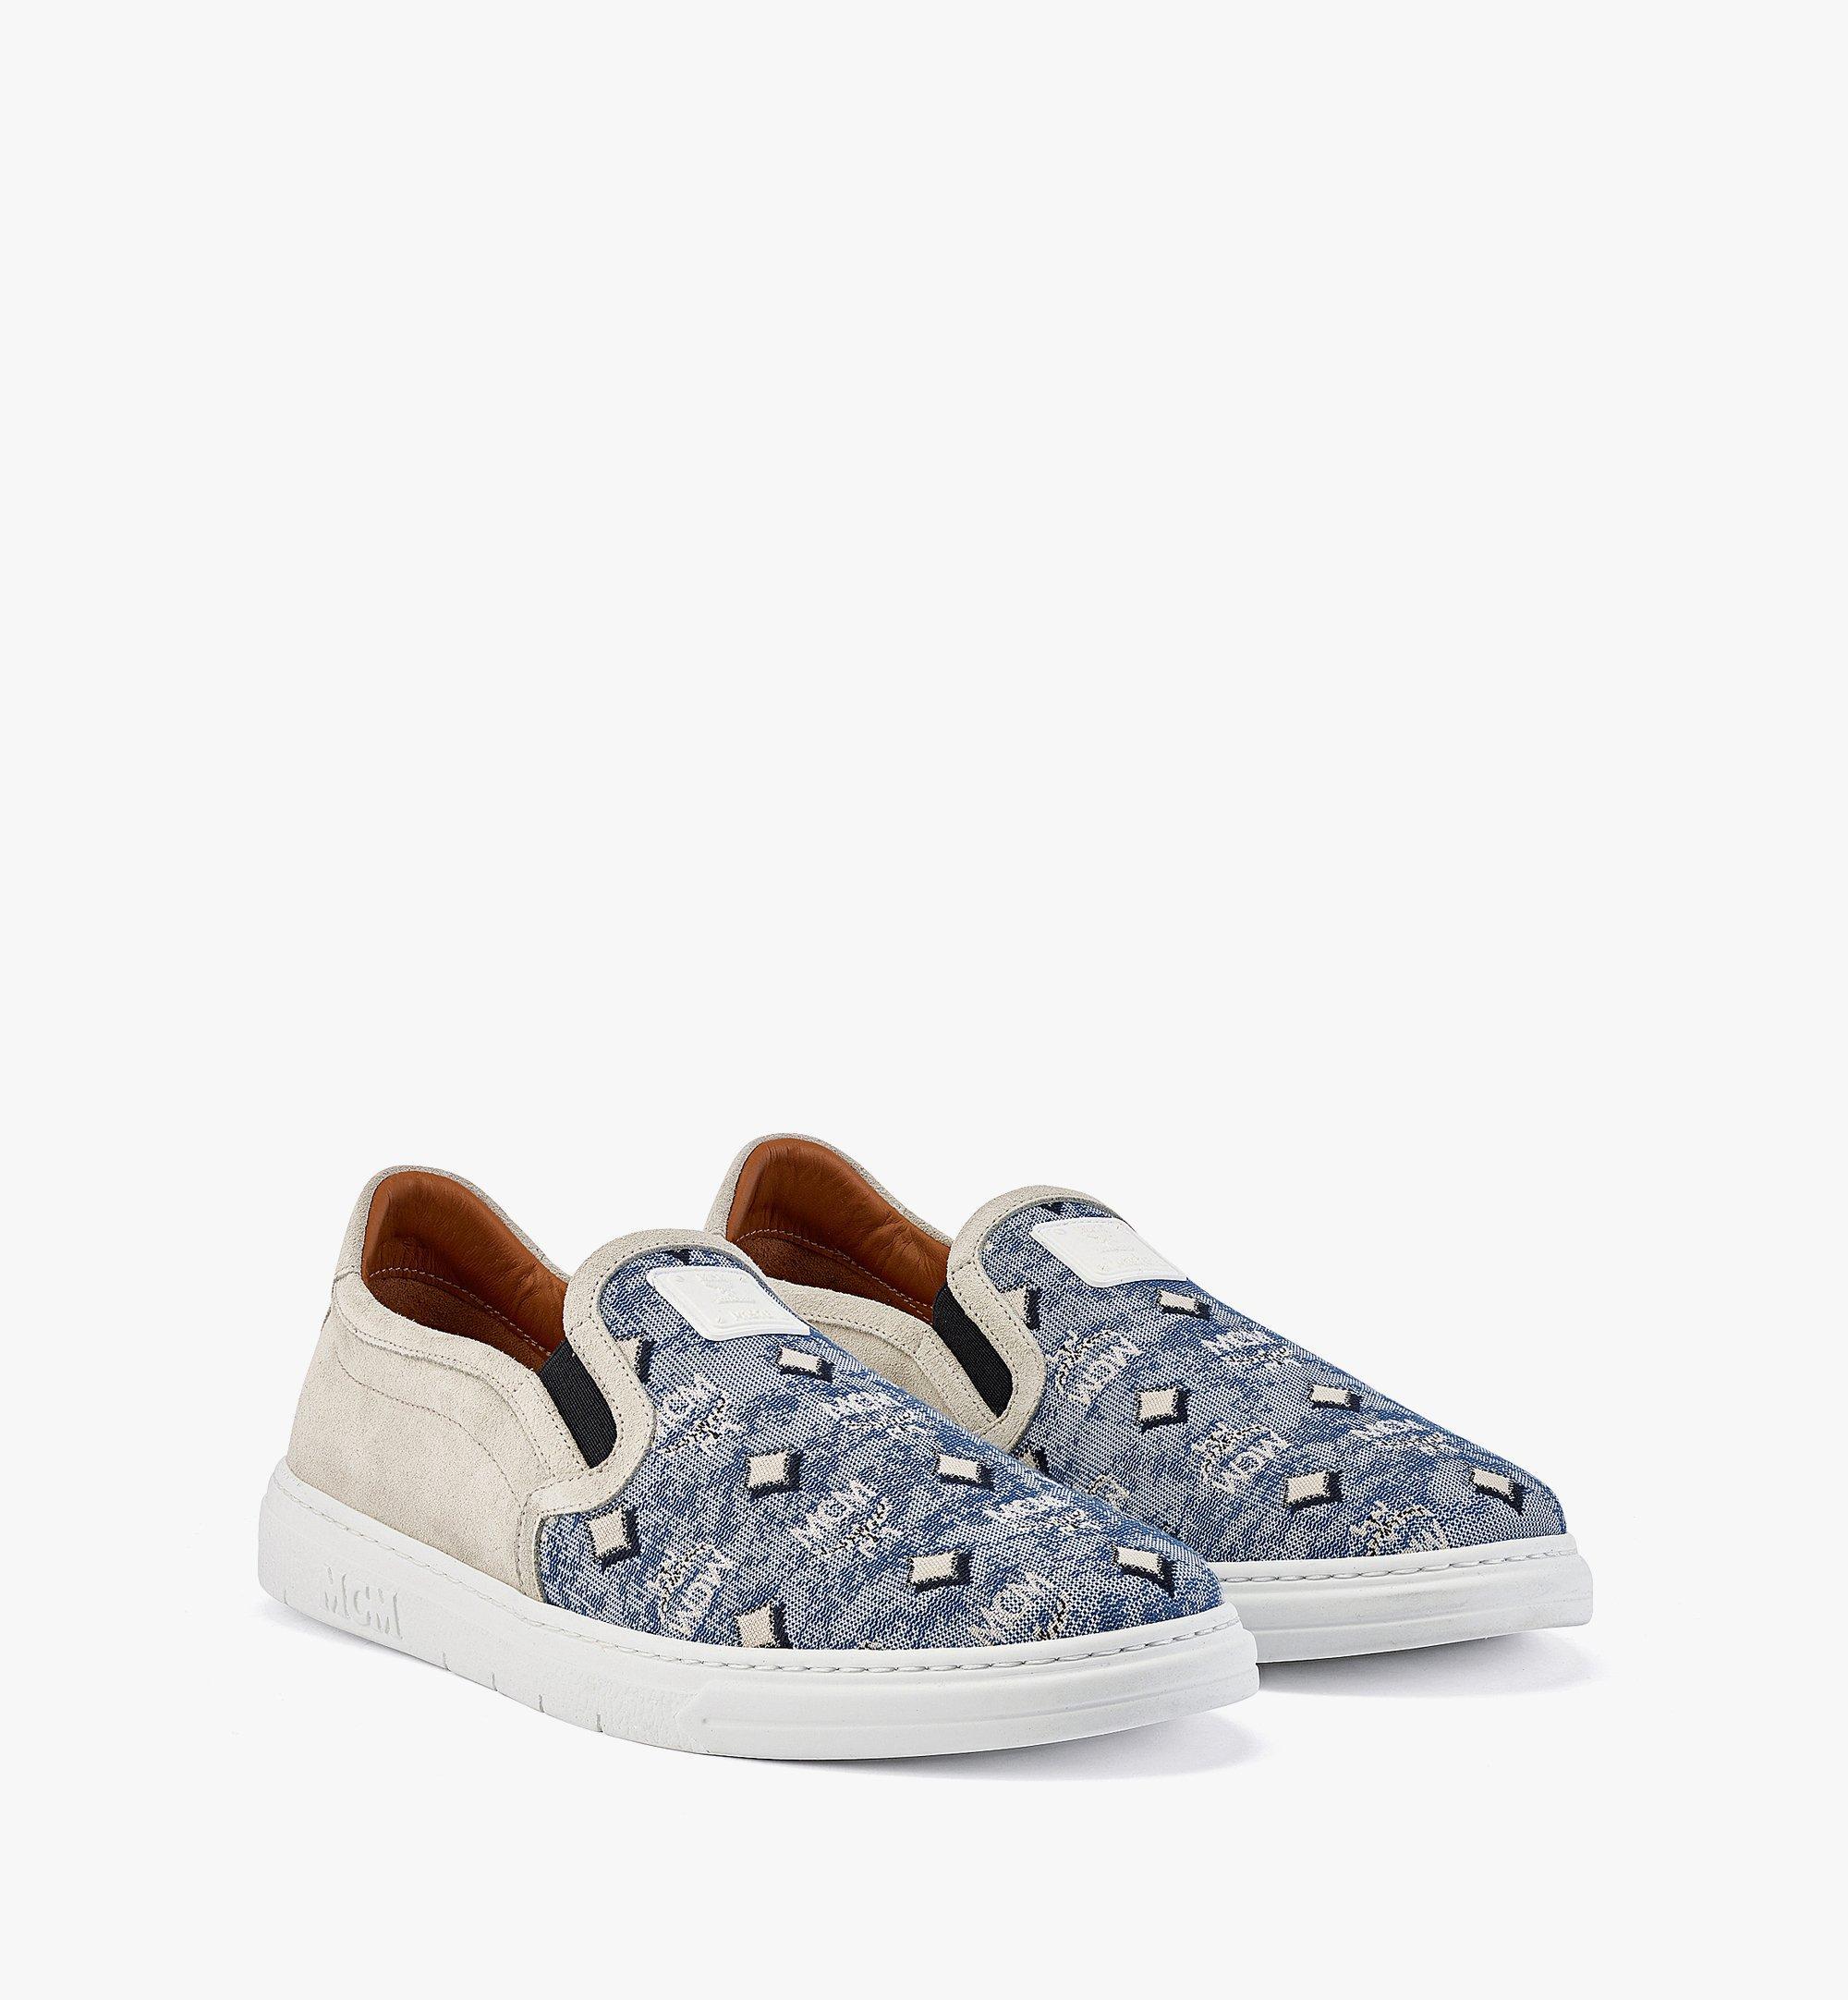 MCM Men's Slip-on Sneakers in Vintage Jacquard Monogram Blue MEXBATQ03LU041 Alternate View 1